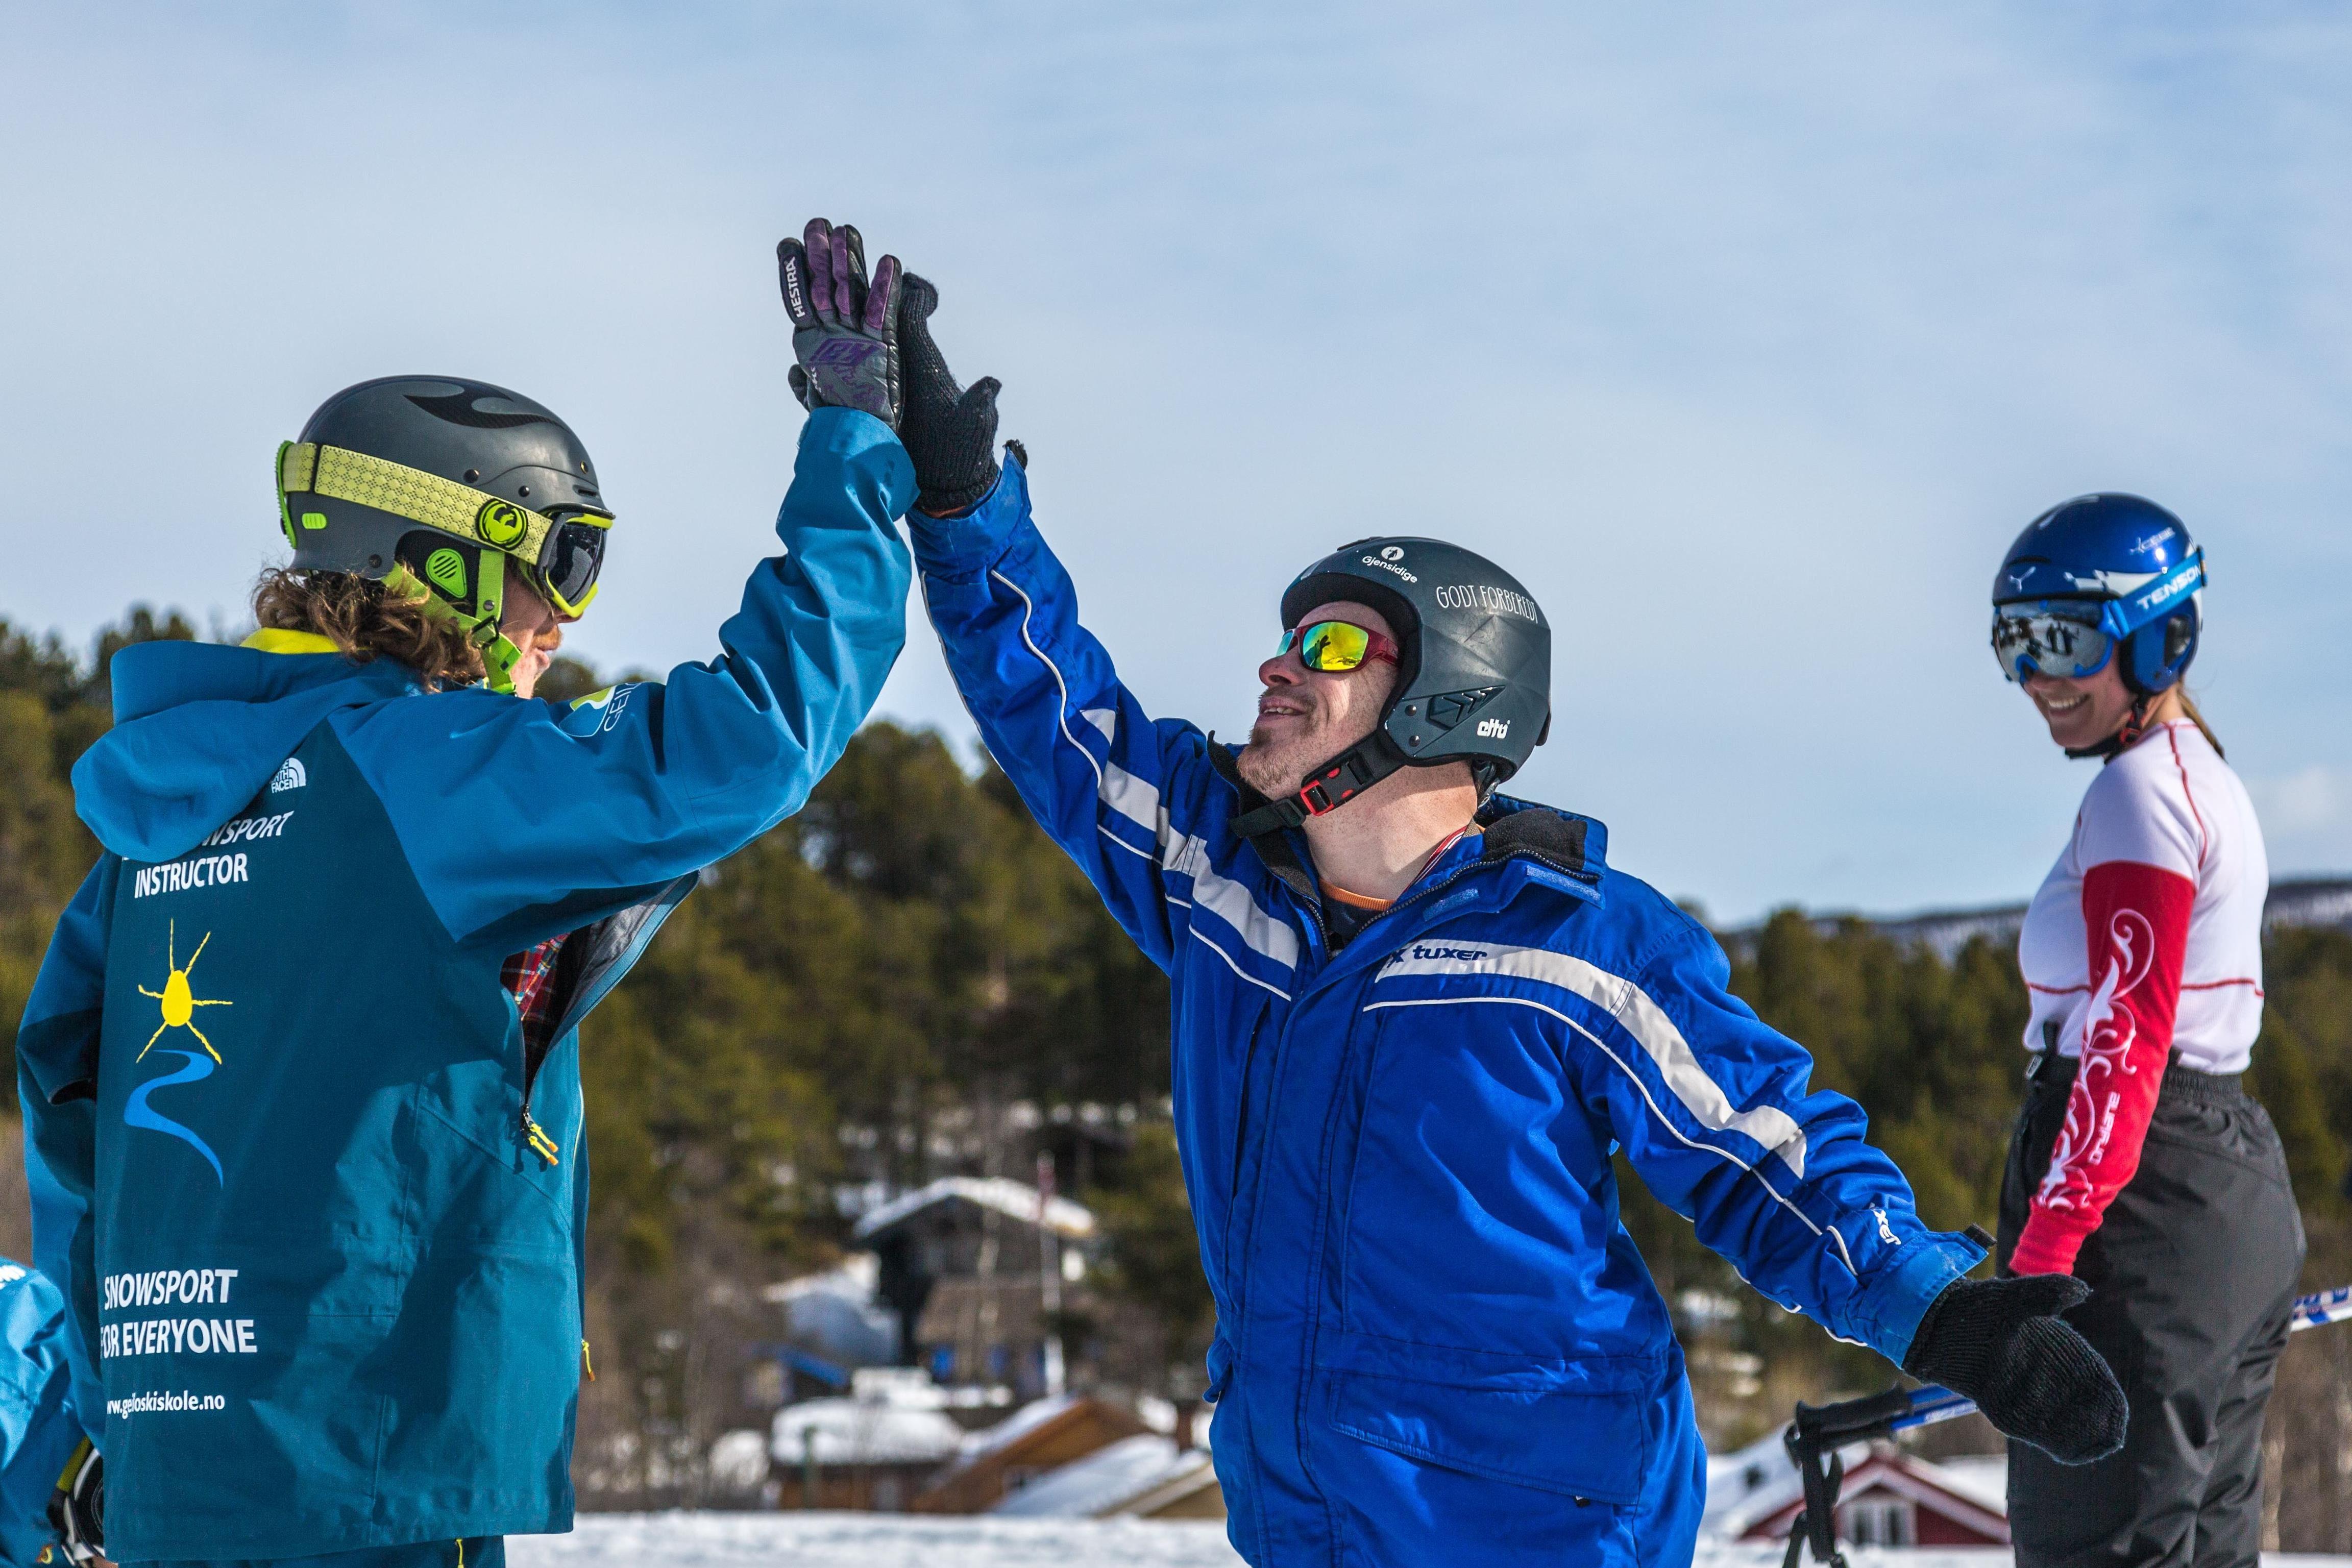 Slaatta Skisenter AS,  © Slaatta Skisenter AS, Mennesker med down syndrom elsker å stå på ski